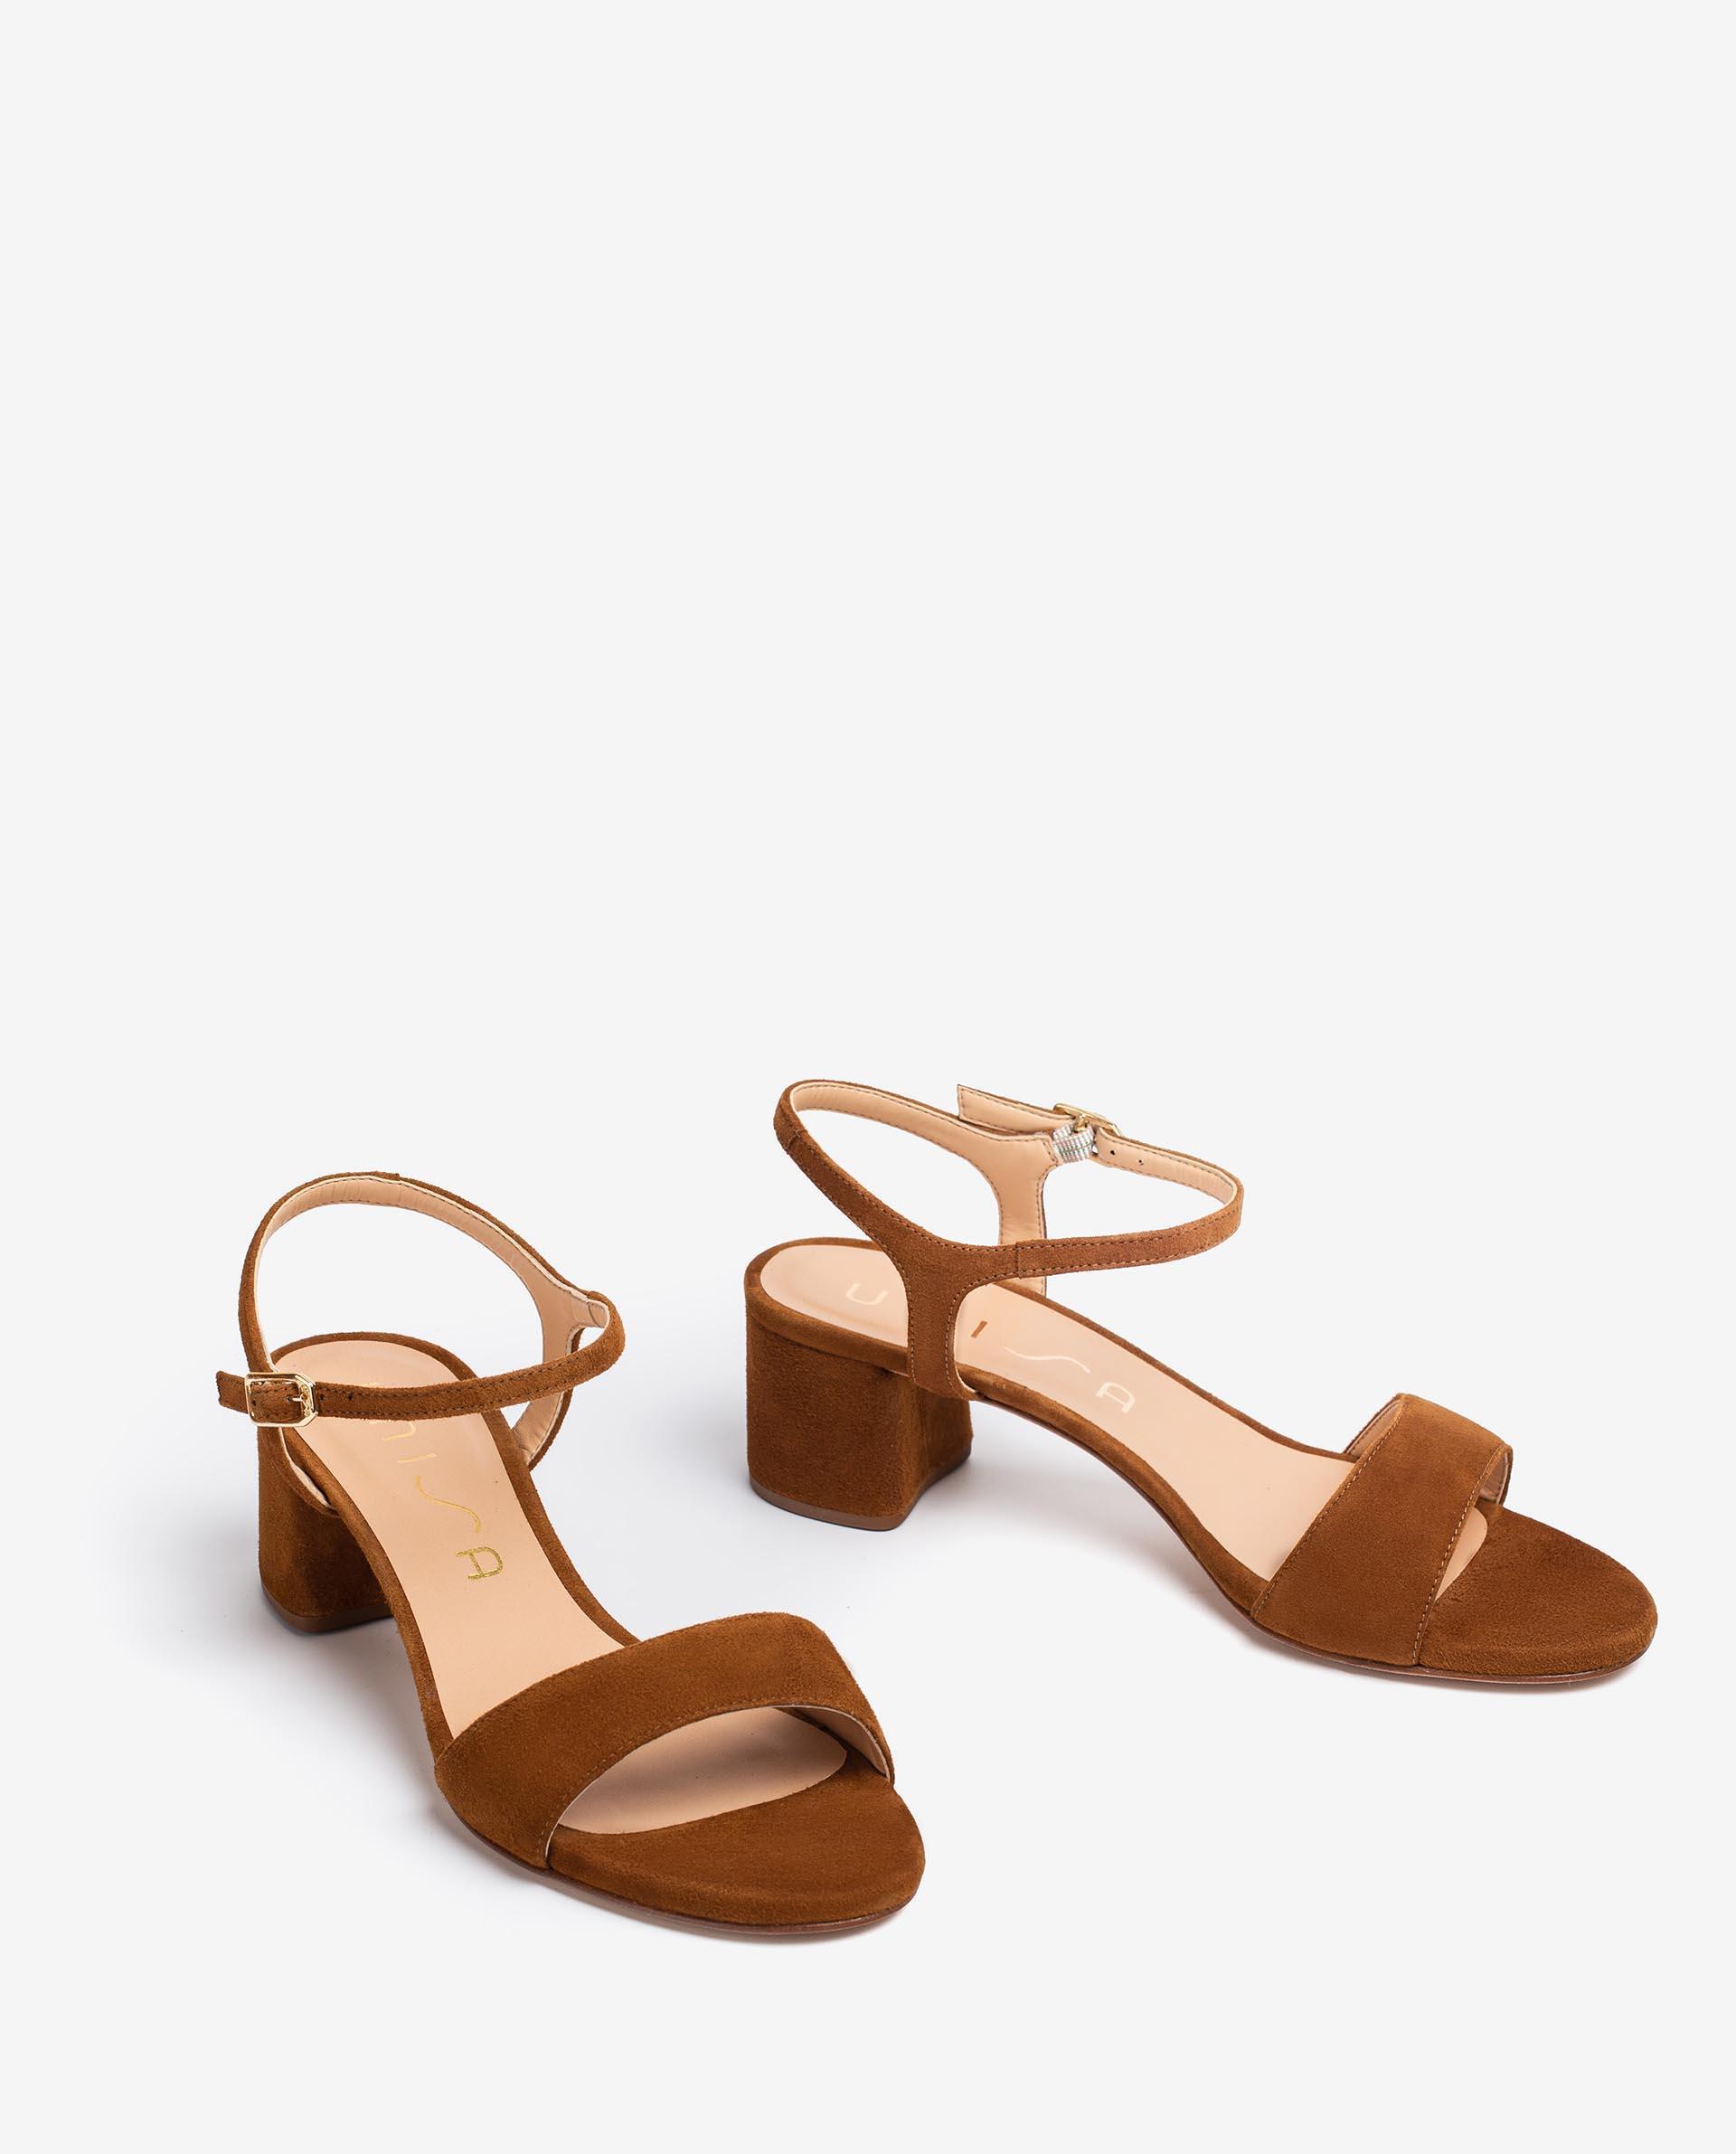 UNISA Kid suede sandals with wide heel GENTO_21_KS 2